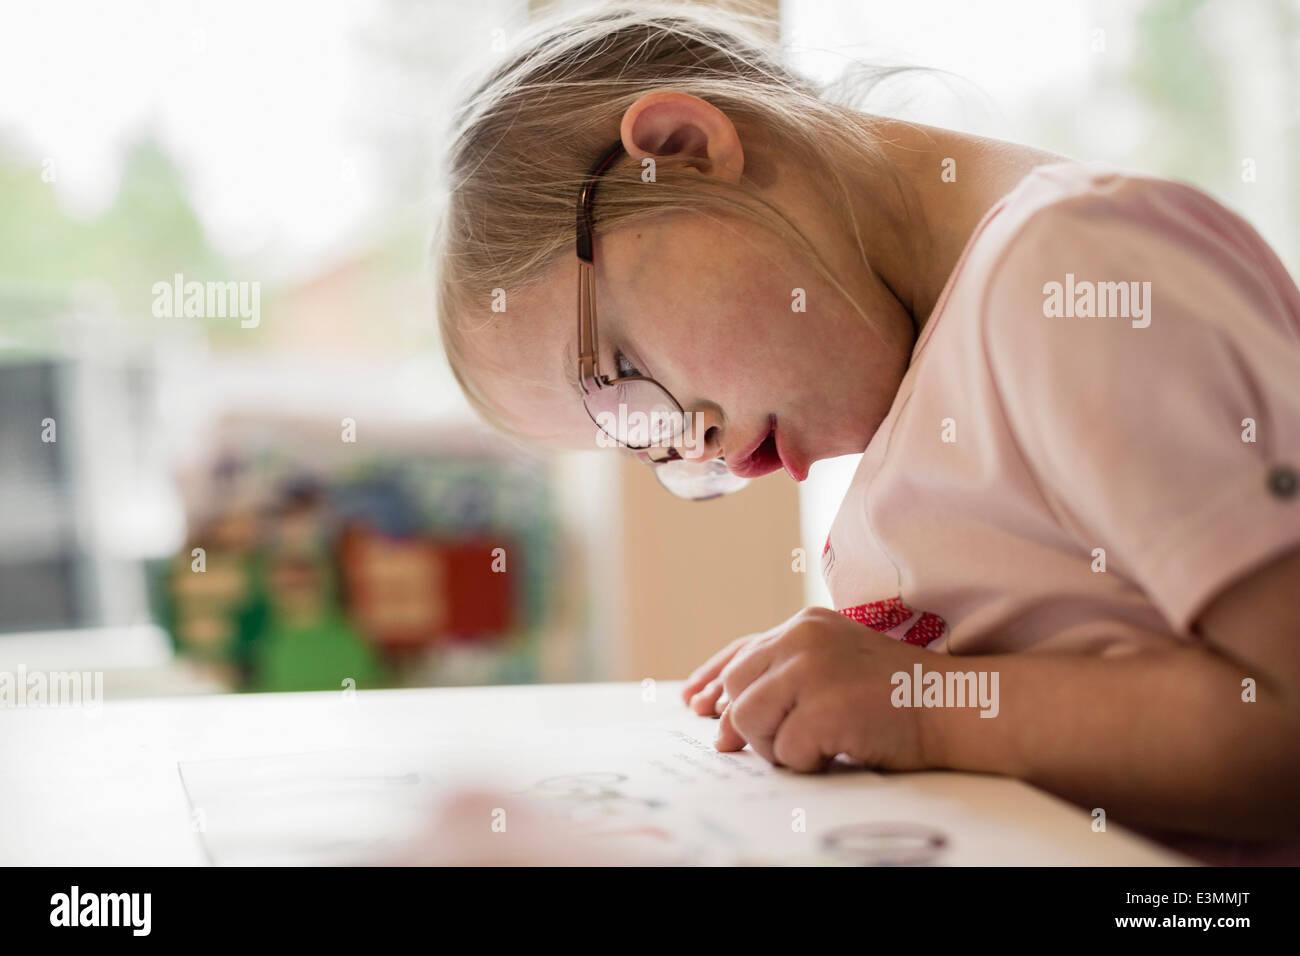 Chica con síndrome de down estudian en la mesa Imagen De Stock